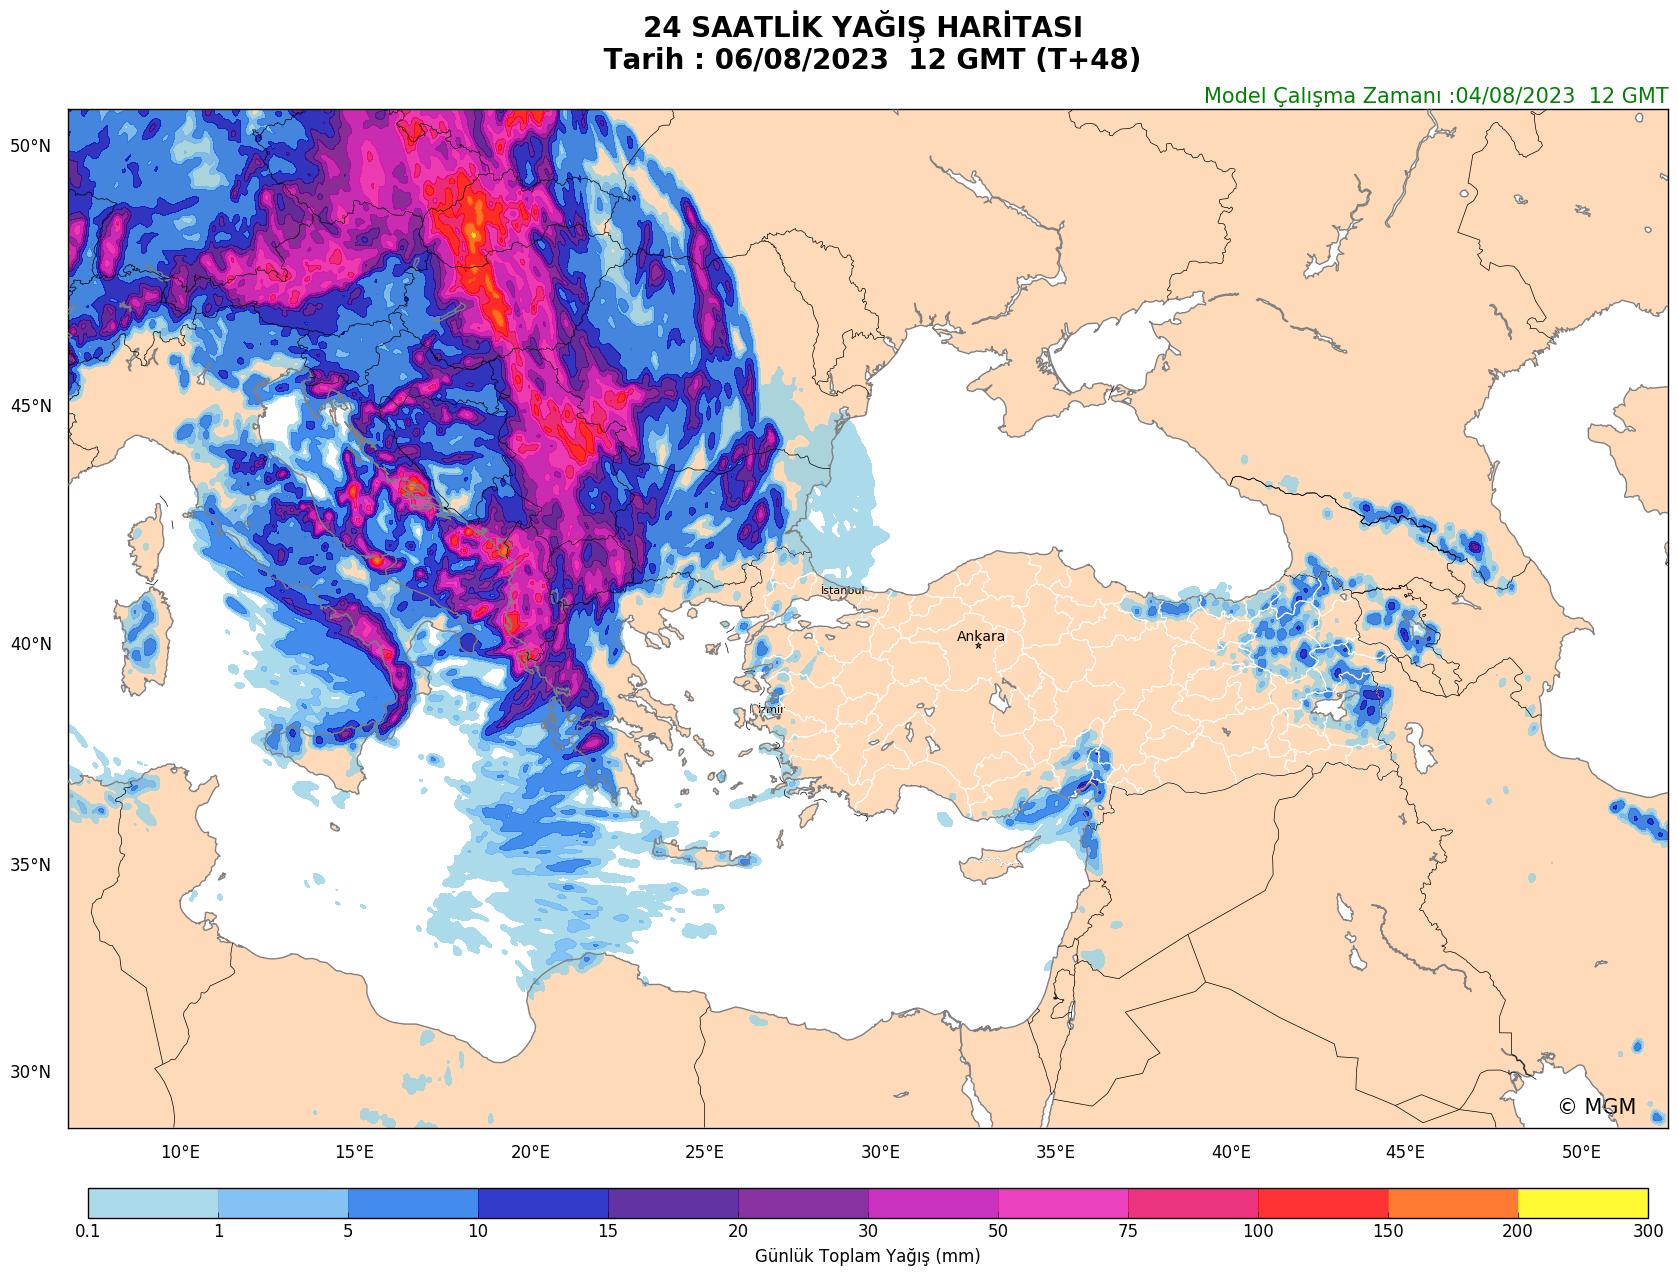 WRF Model Harita: Günlük Yağış Haritası